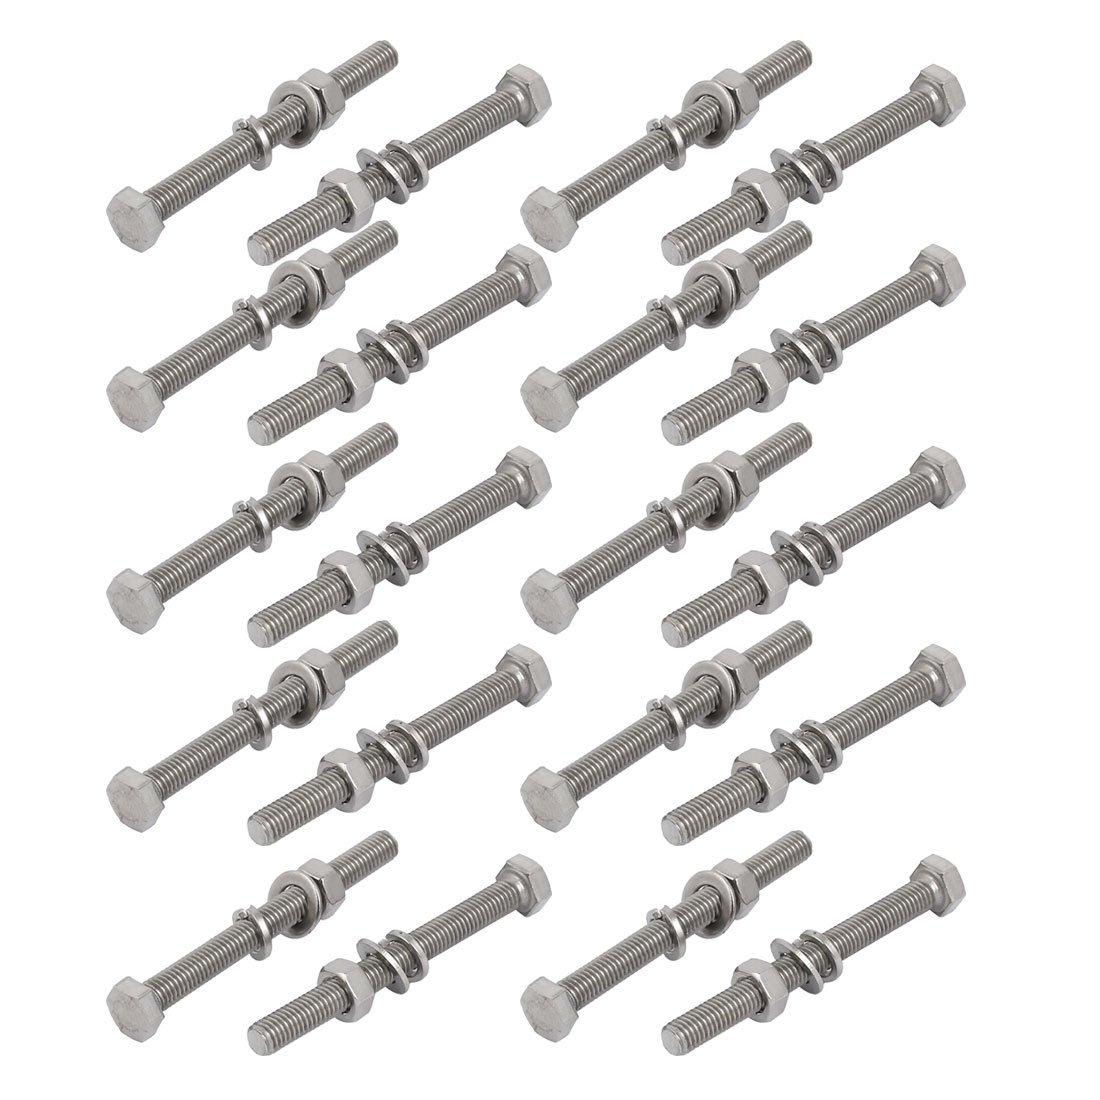 20pcs 304 INOX M5x50mm vis Hex /Écrou rondelle Kit Assortiment